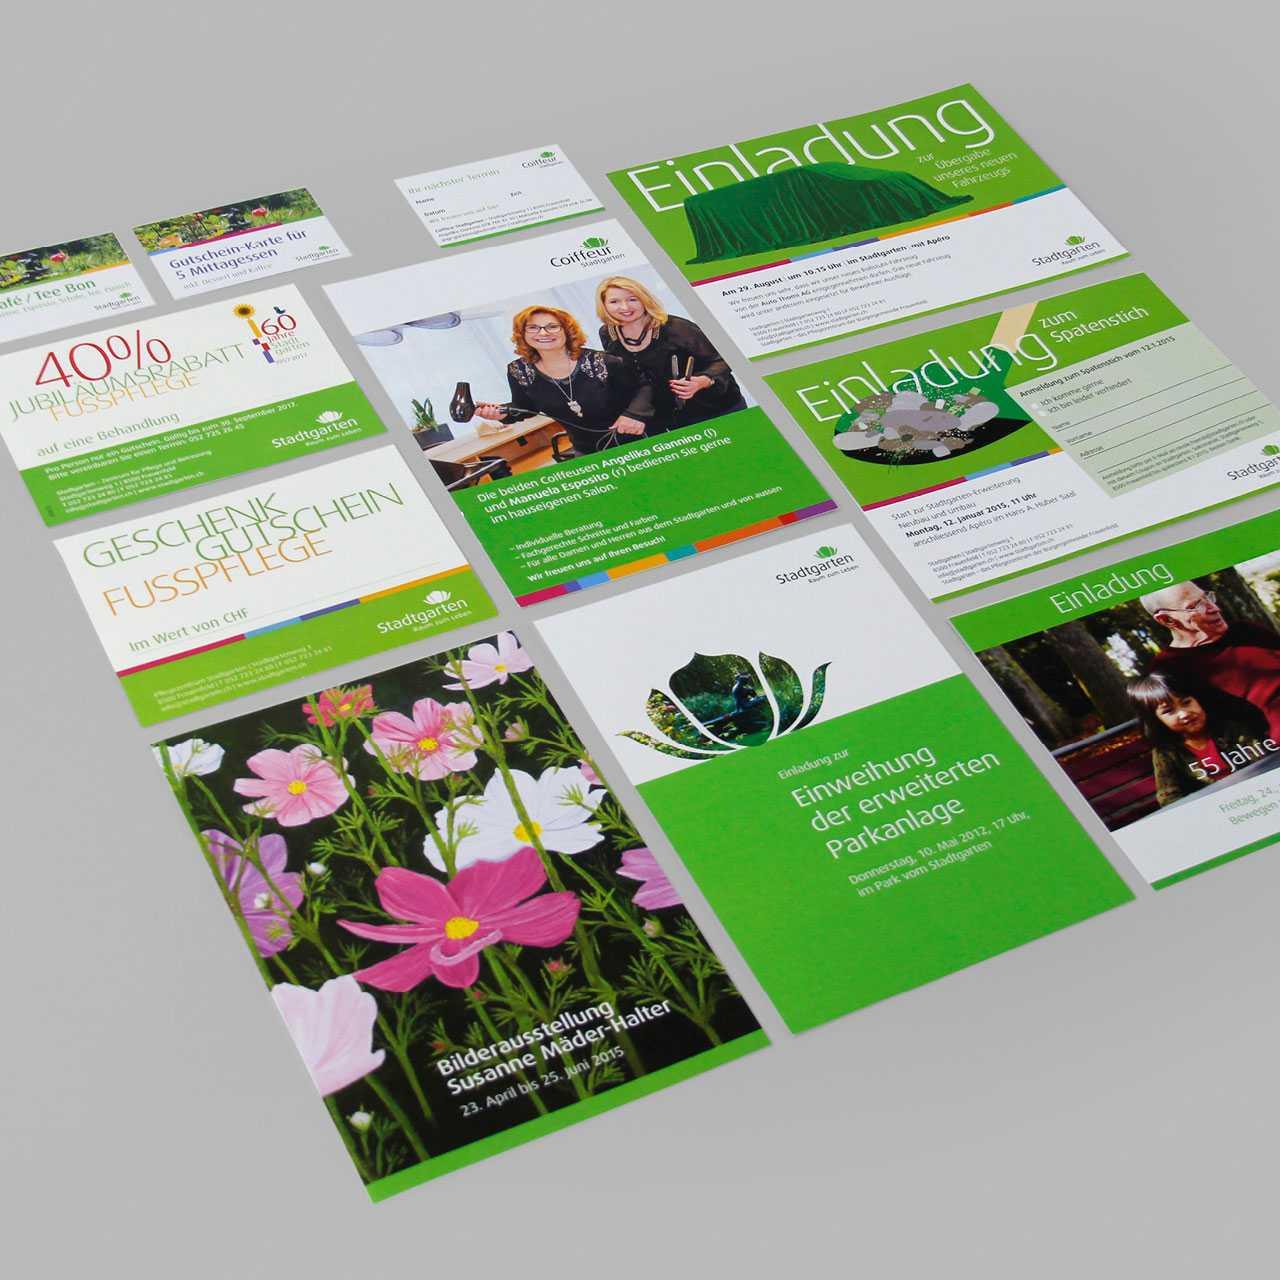 Pflegezentrum Stadtgarten: Diverse Printprodukte, Prospekte